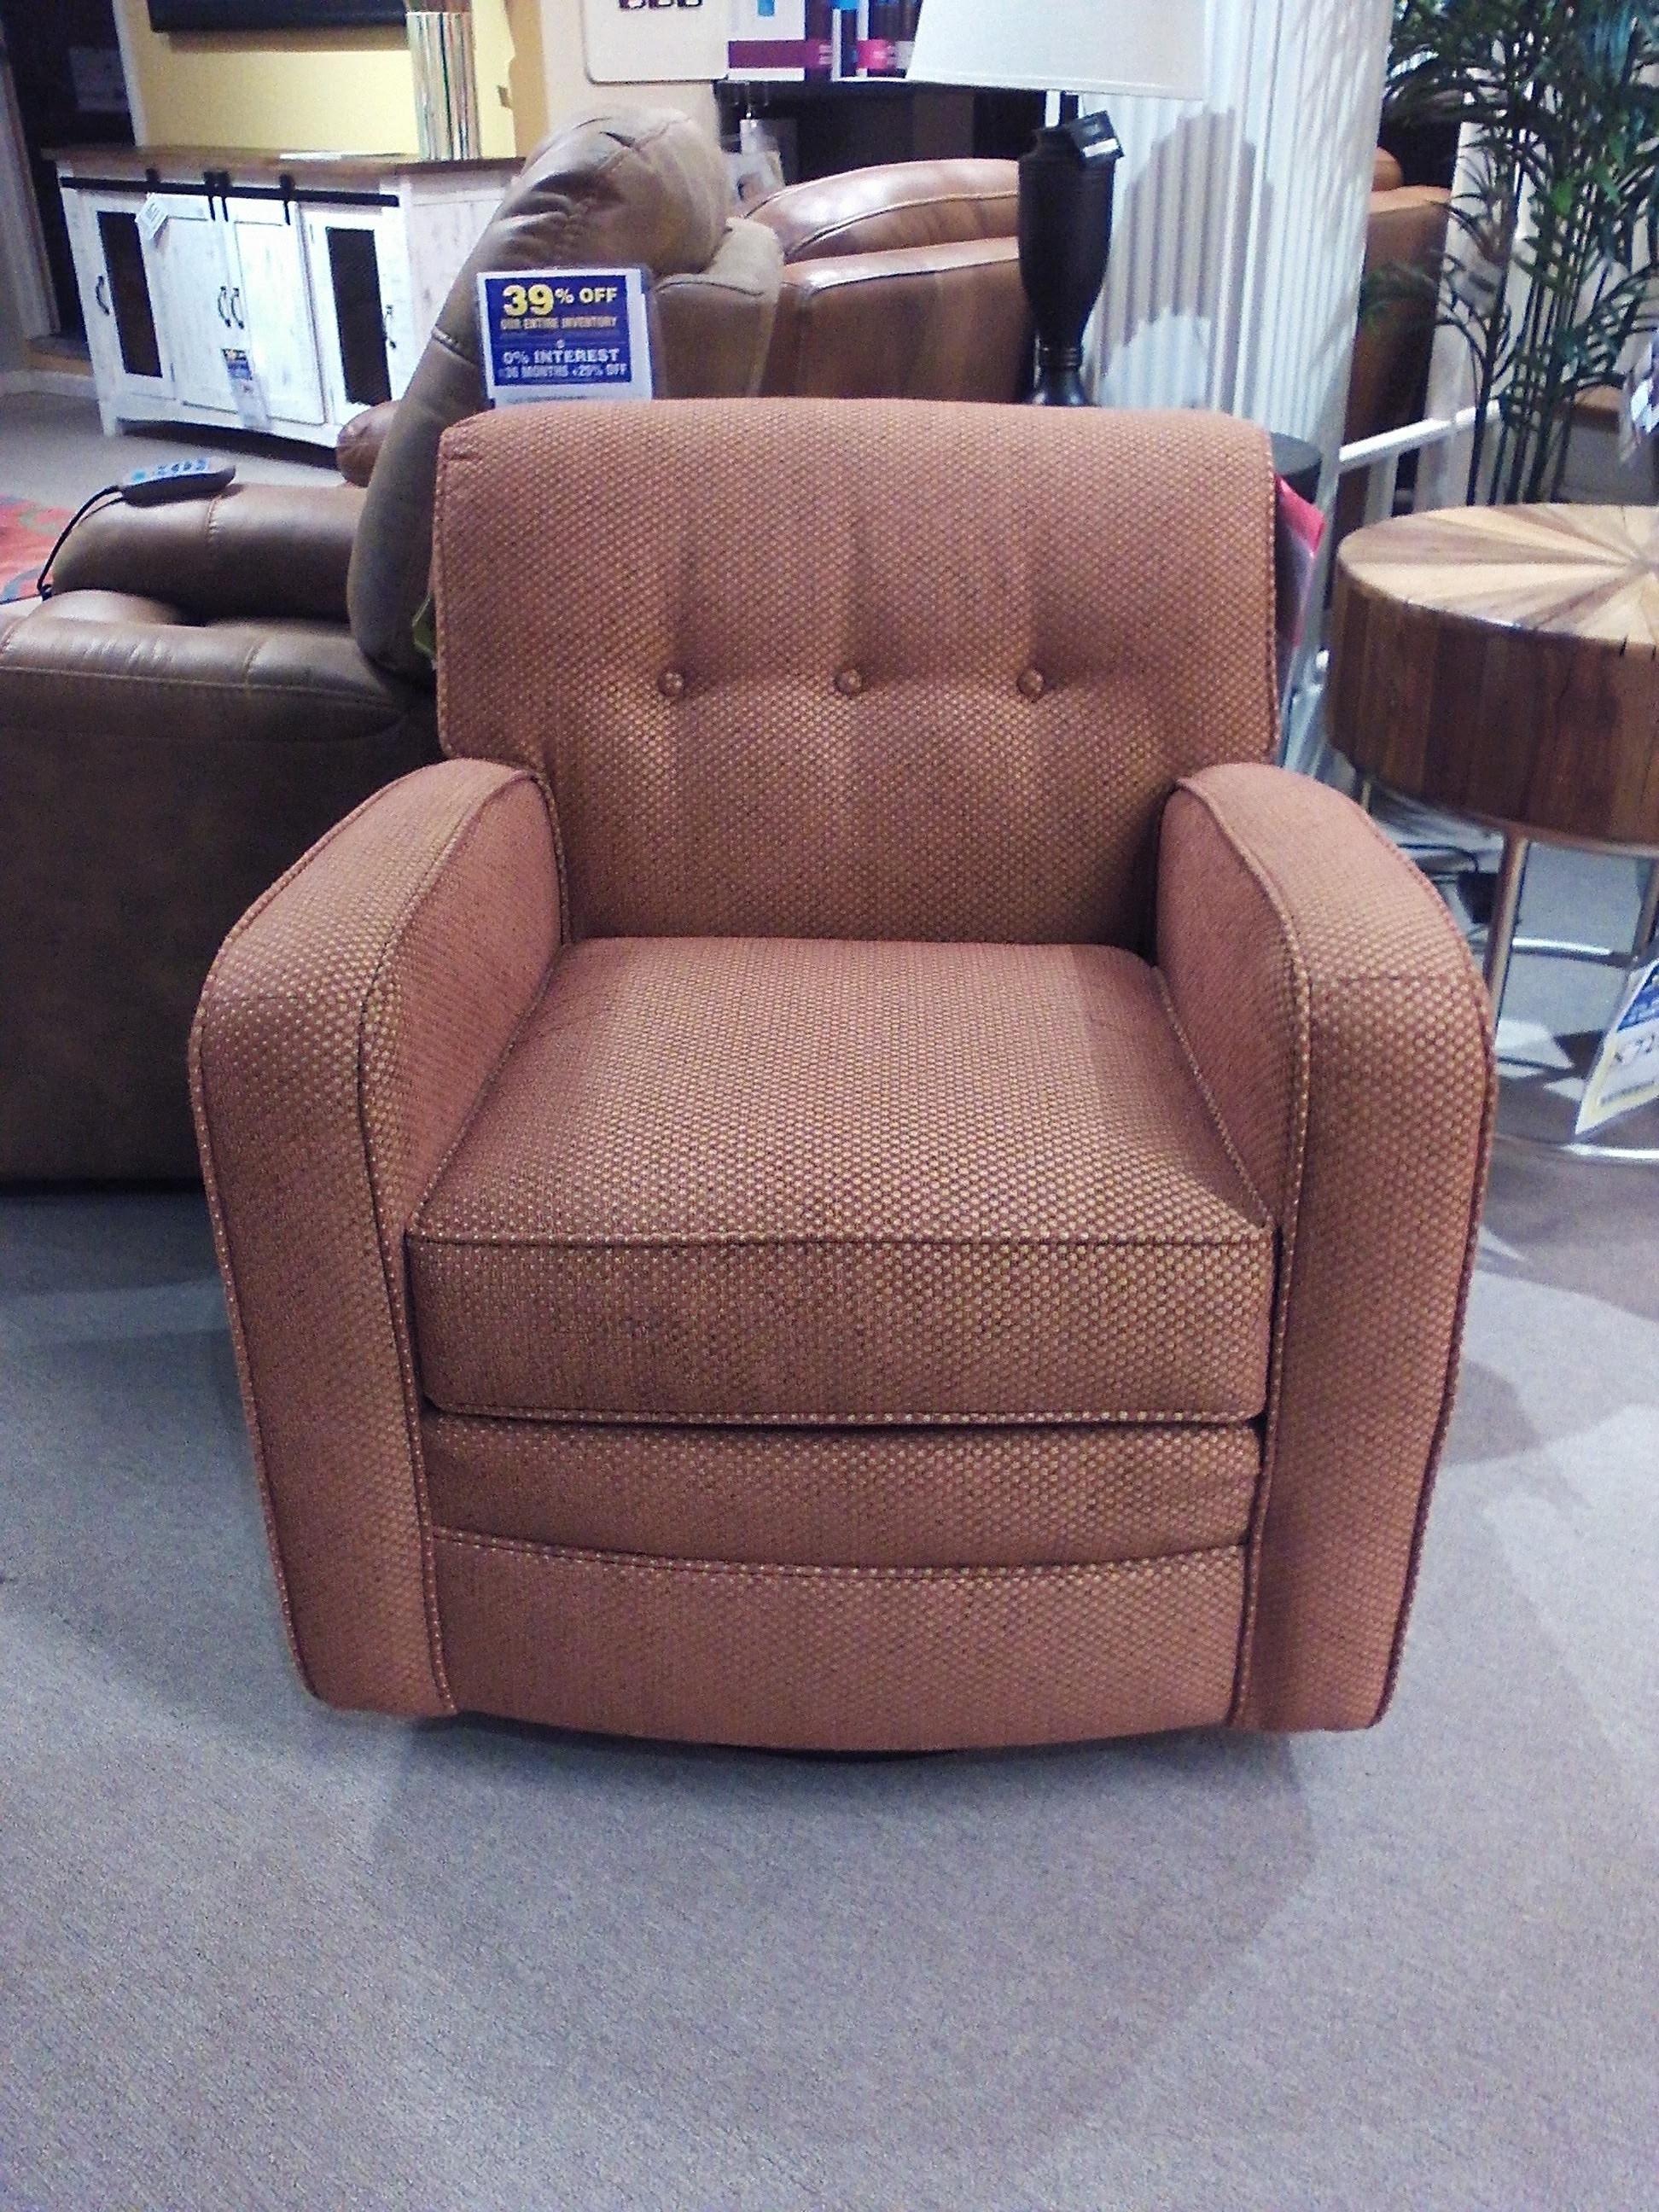 Flexsteel Swivel Chair 650 13